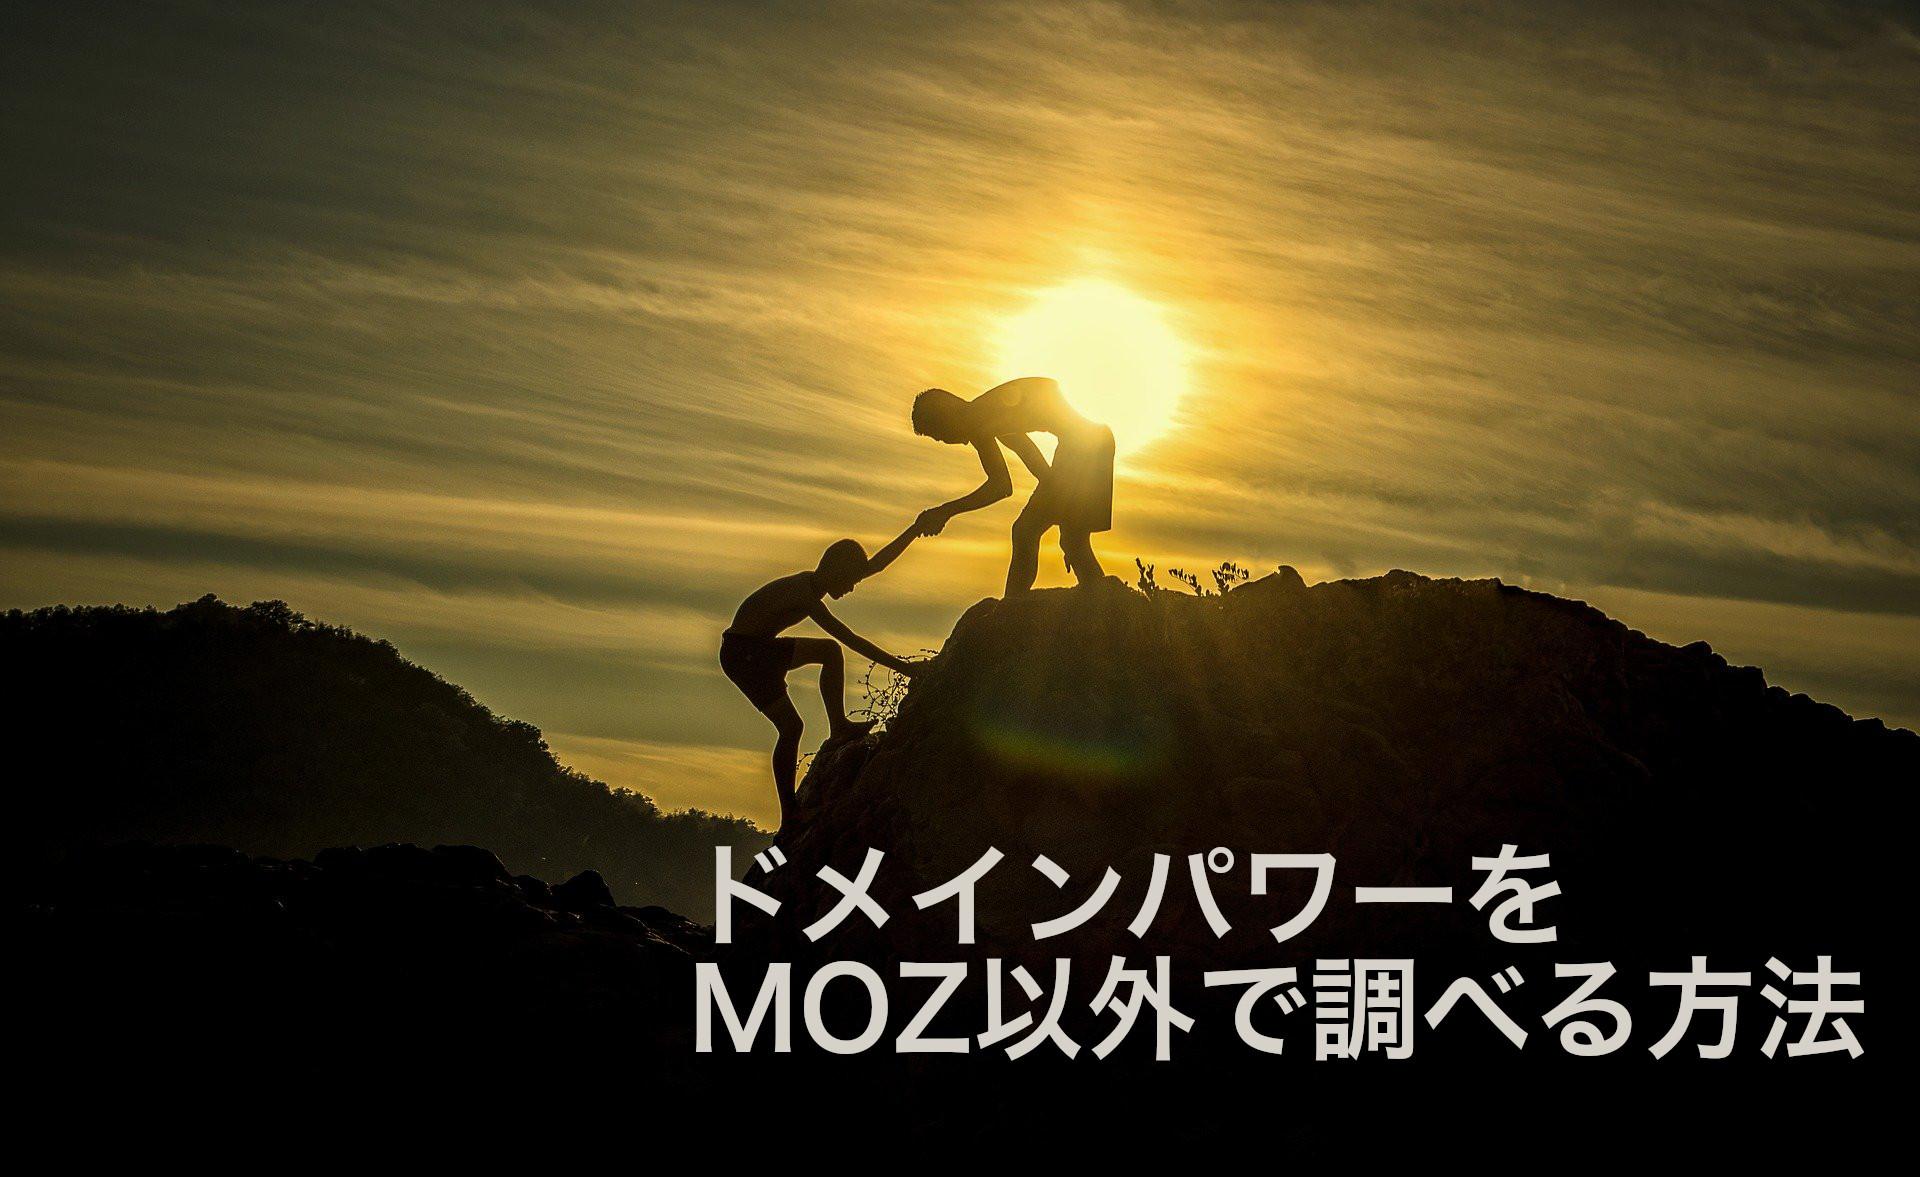 ドメインパワーをMOZ以外で調べる方法